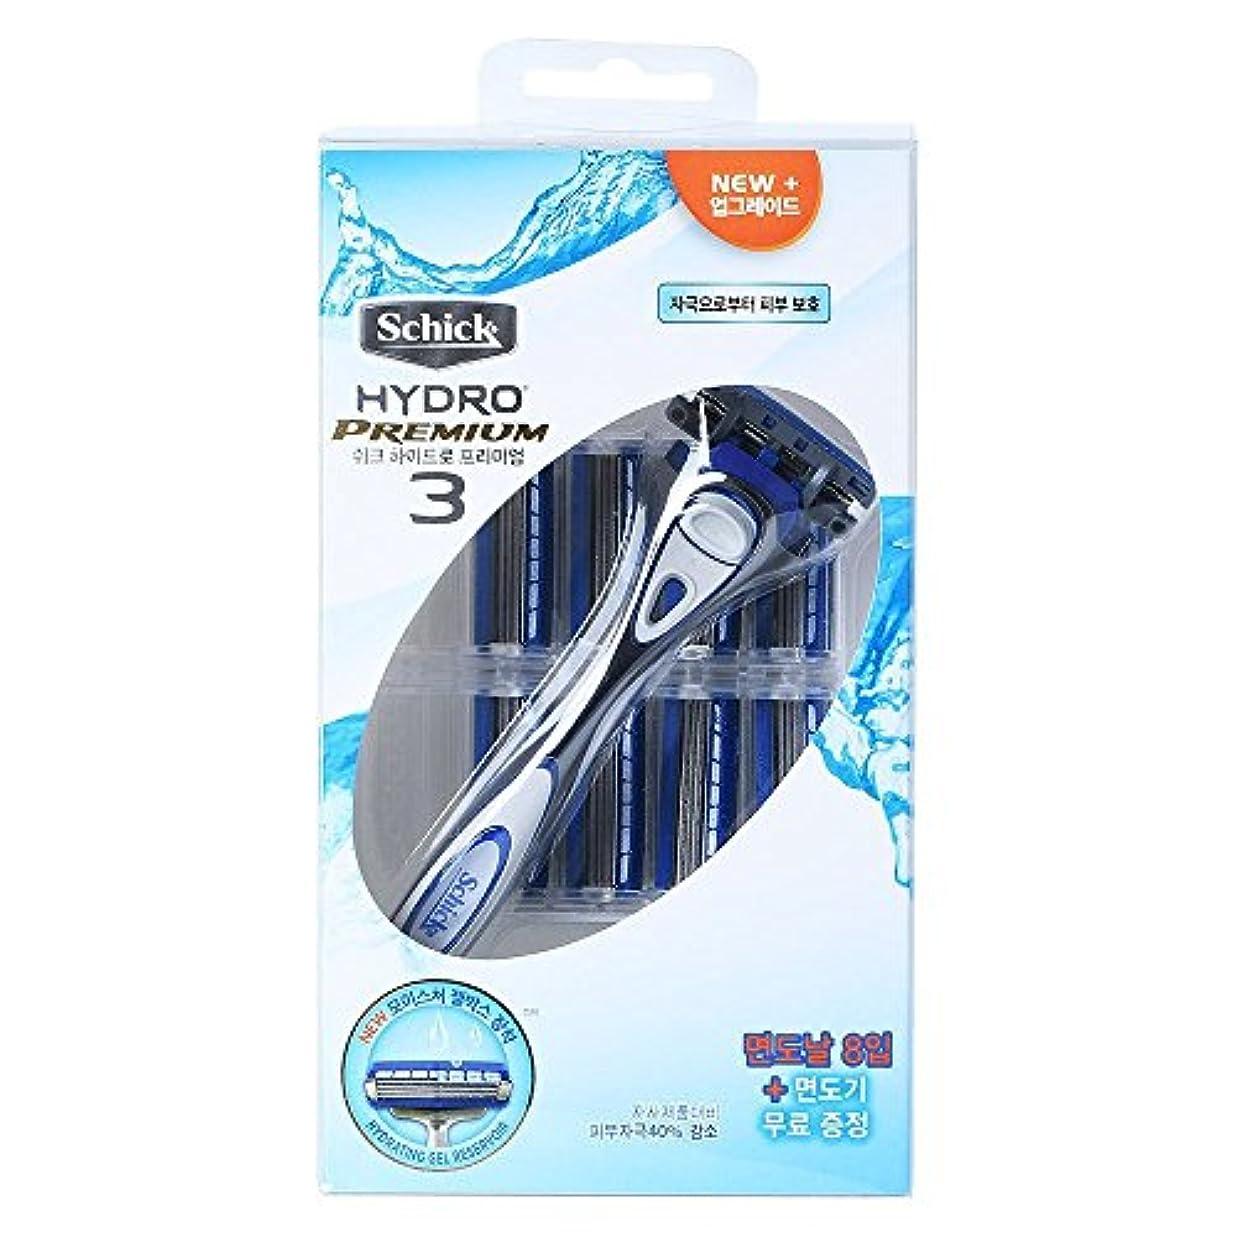 虚弱千戻るSchick HYDRO 3 Premium Shaving 1つの剃刀と9つのカートリッジリフィル [並行輸入品]